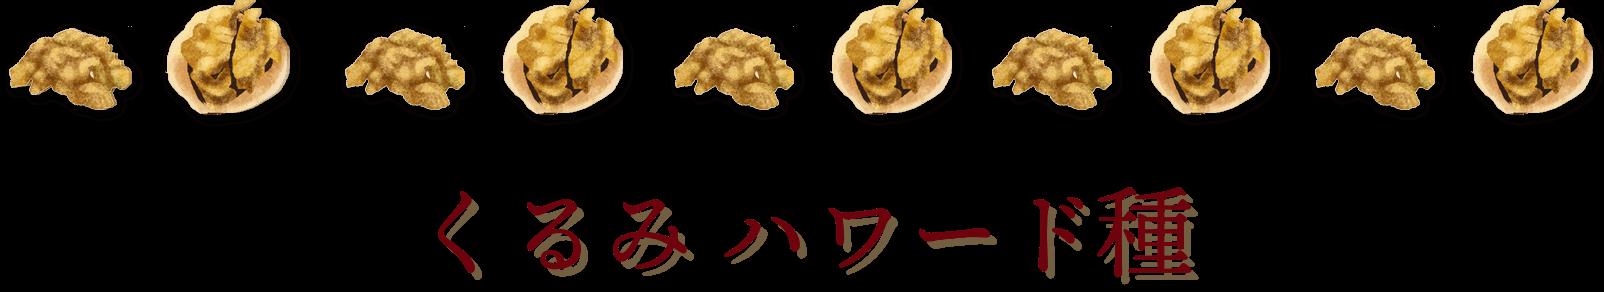 くるみ ハワード種